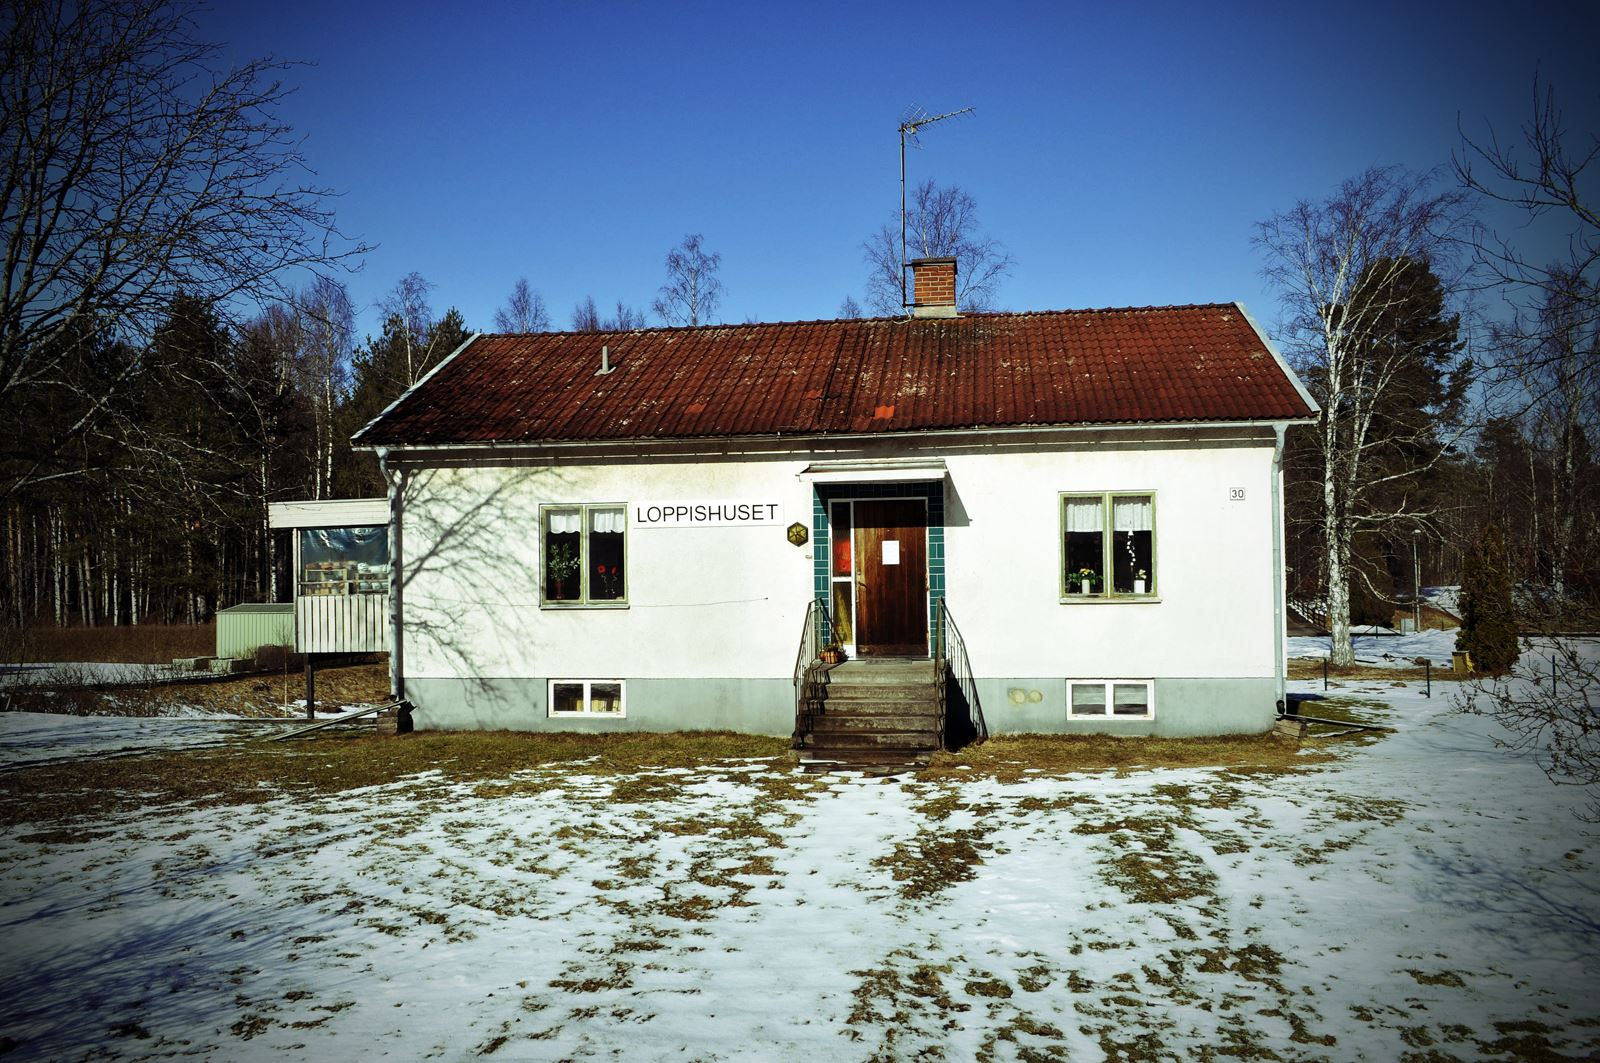 © Loppishuset, Holsbybrunn, Loppishuset i Holsbybrunn